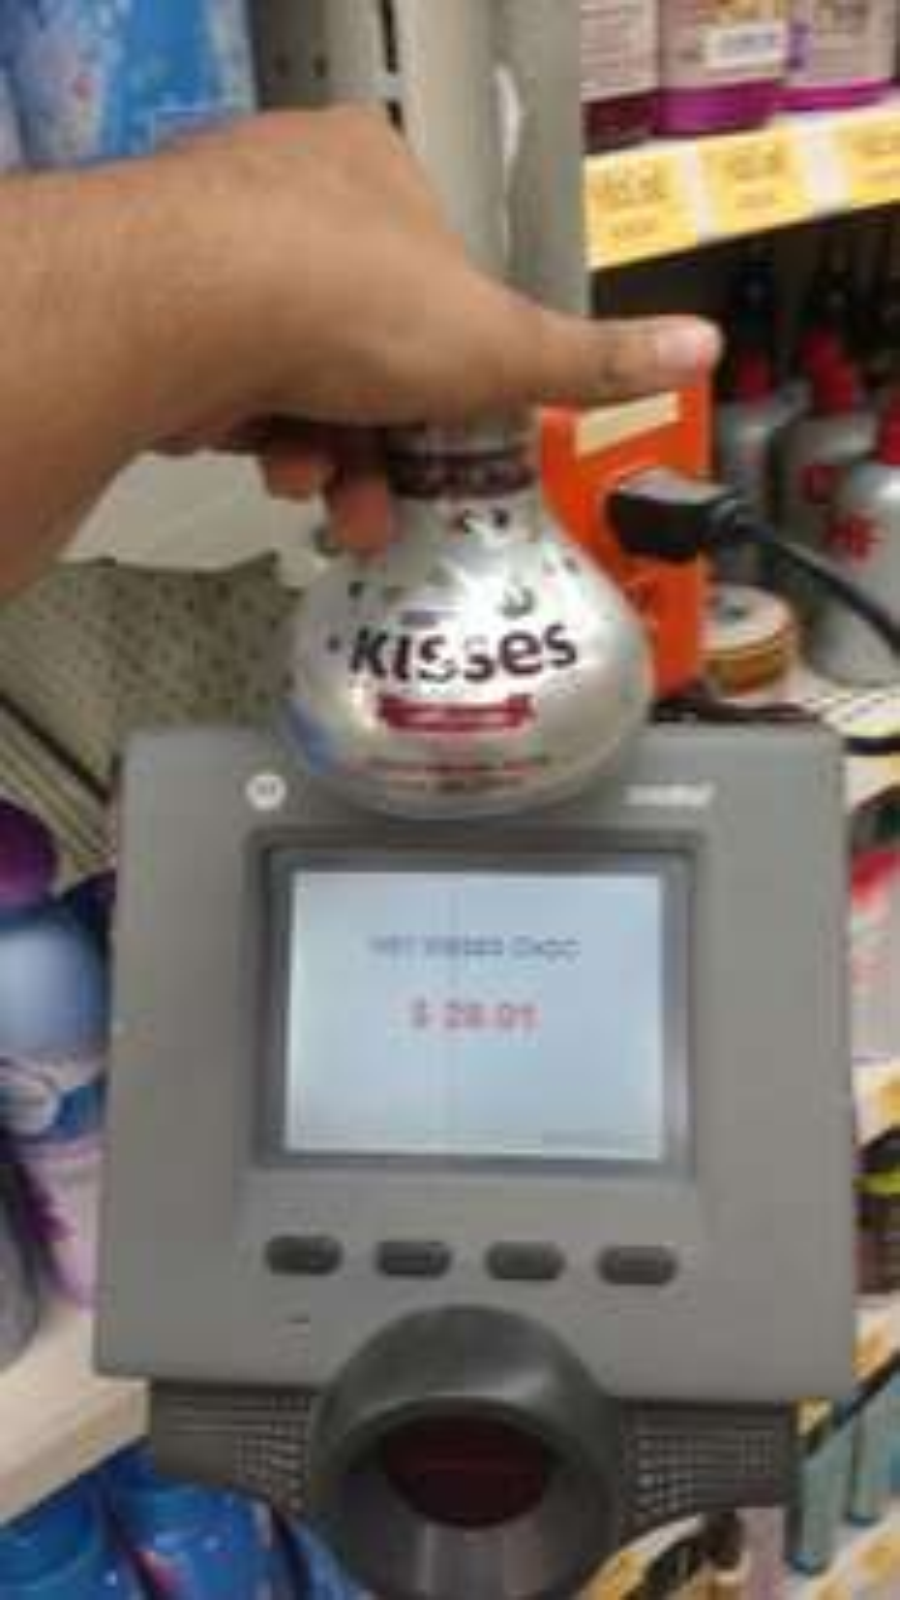 Superama Vhsa: Botella con Kisses a $28.01